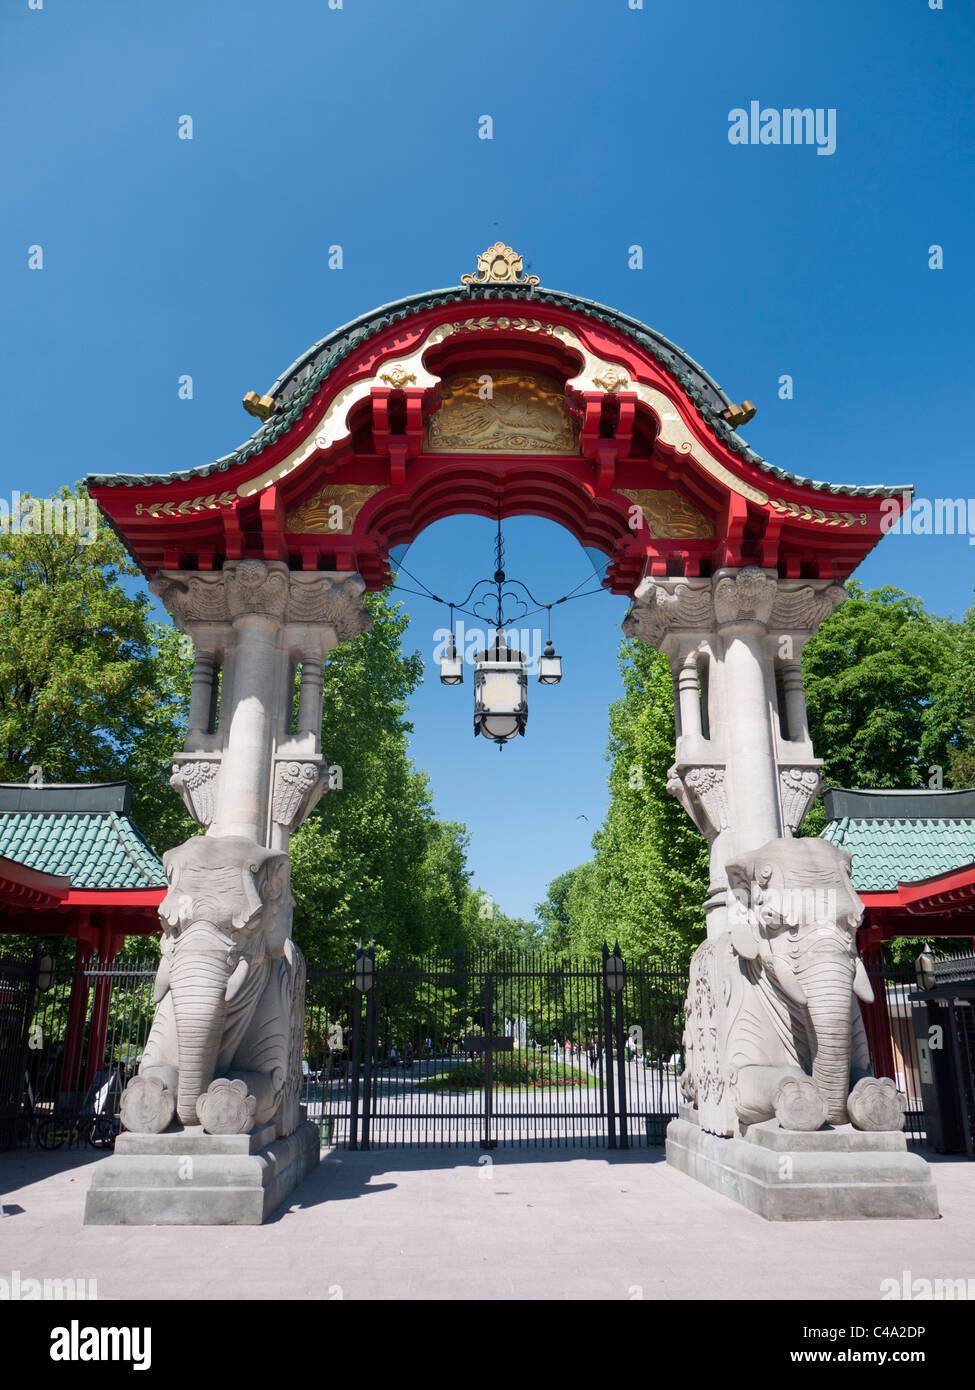 Reich verzierte Eingangstor zum Berliner Zoo Deutschland Stockbild